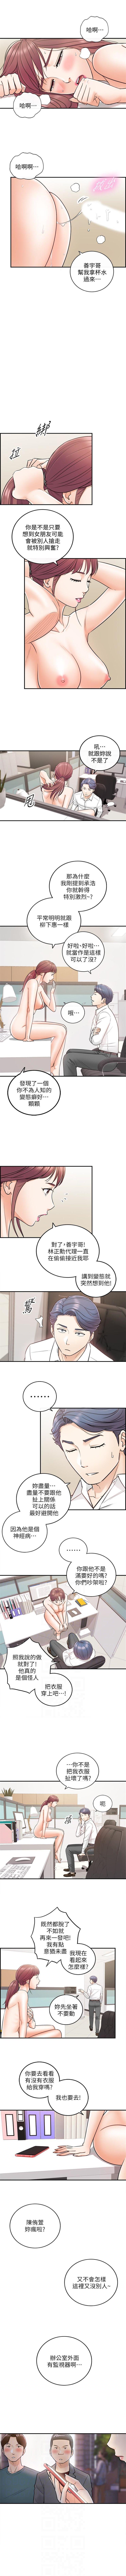 (周5)正妹小主管 1-26 中文翻译(更新中) 85